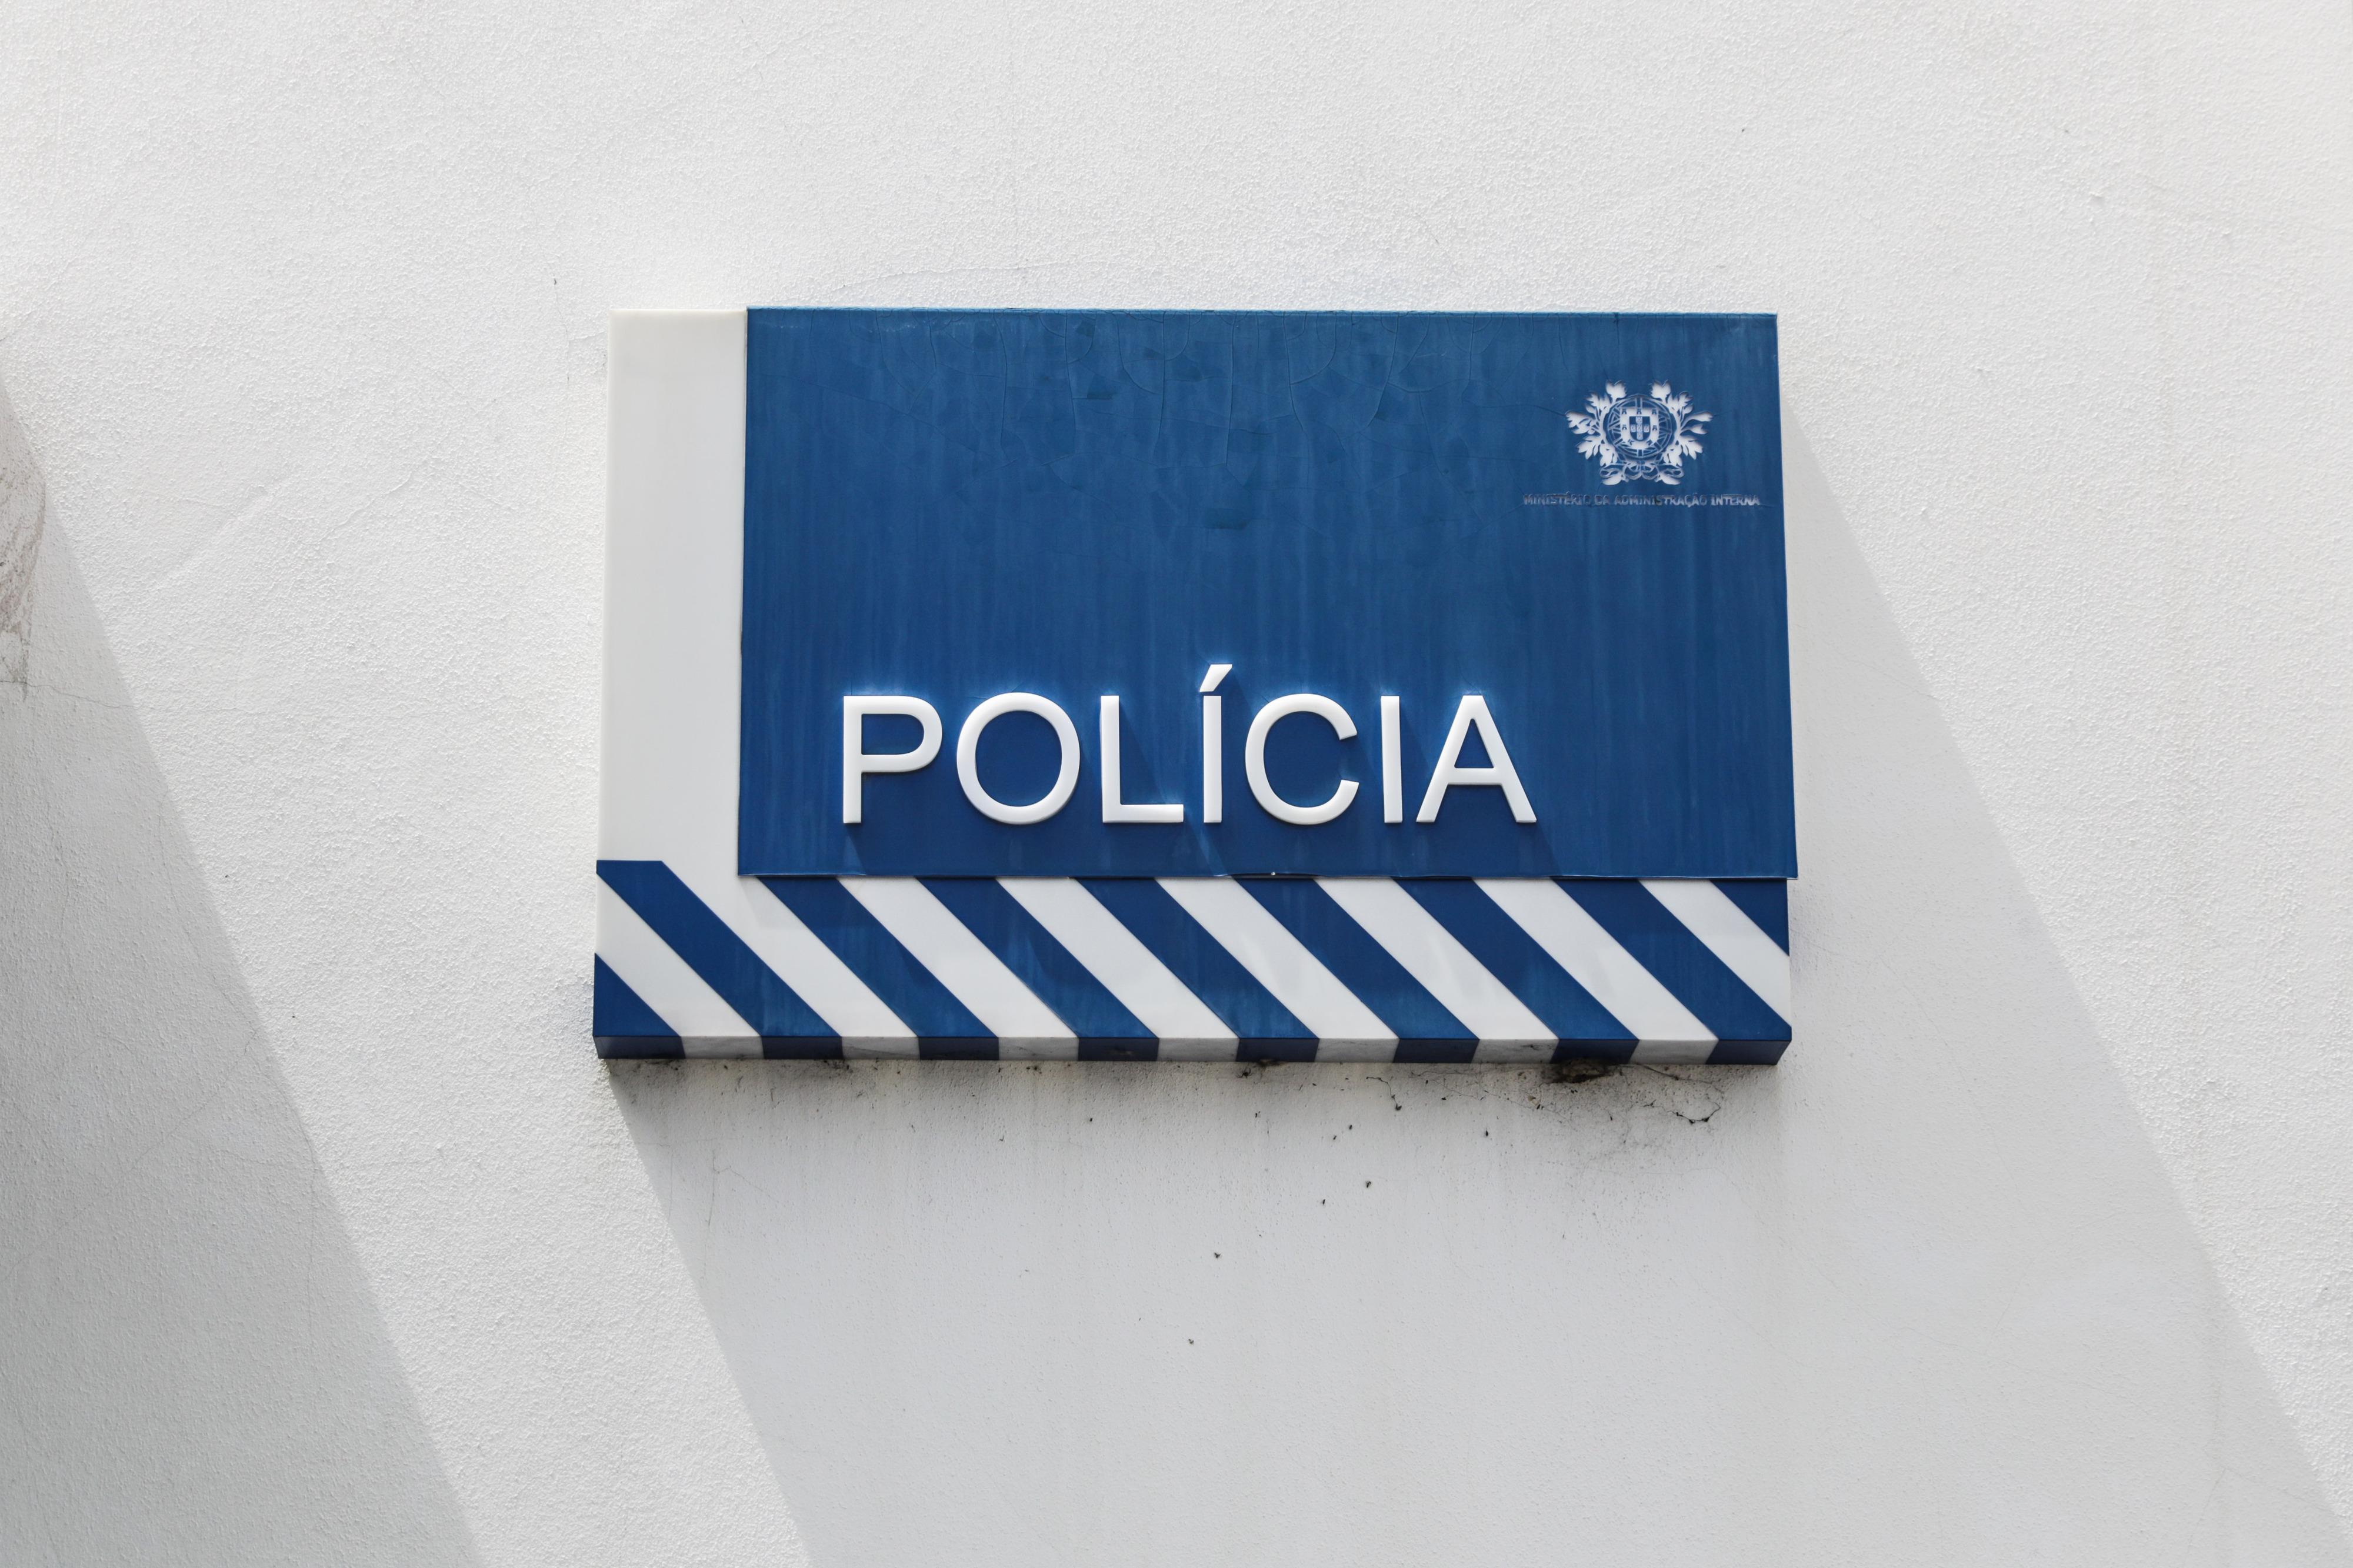 Lisboa: Homem detido por assédio sexual e tentativa de corrupção